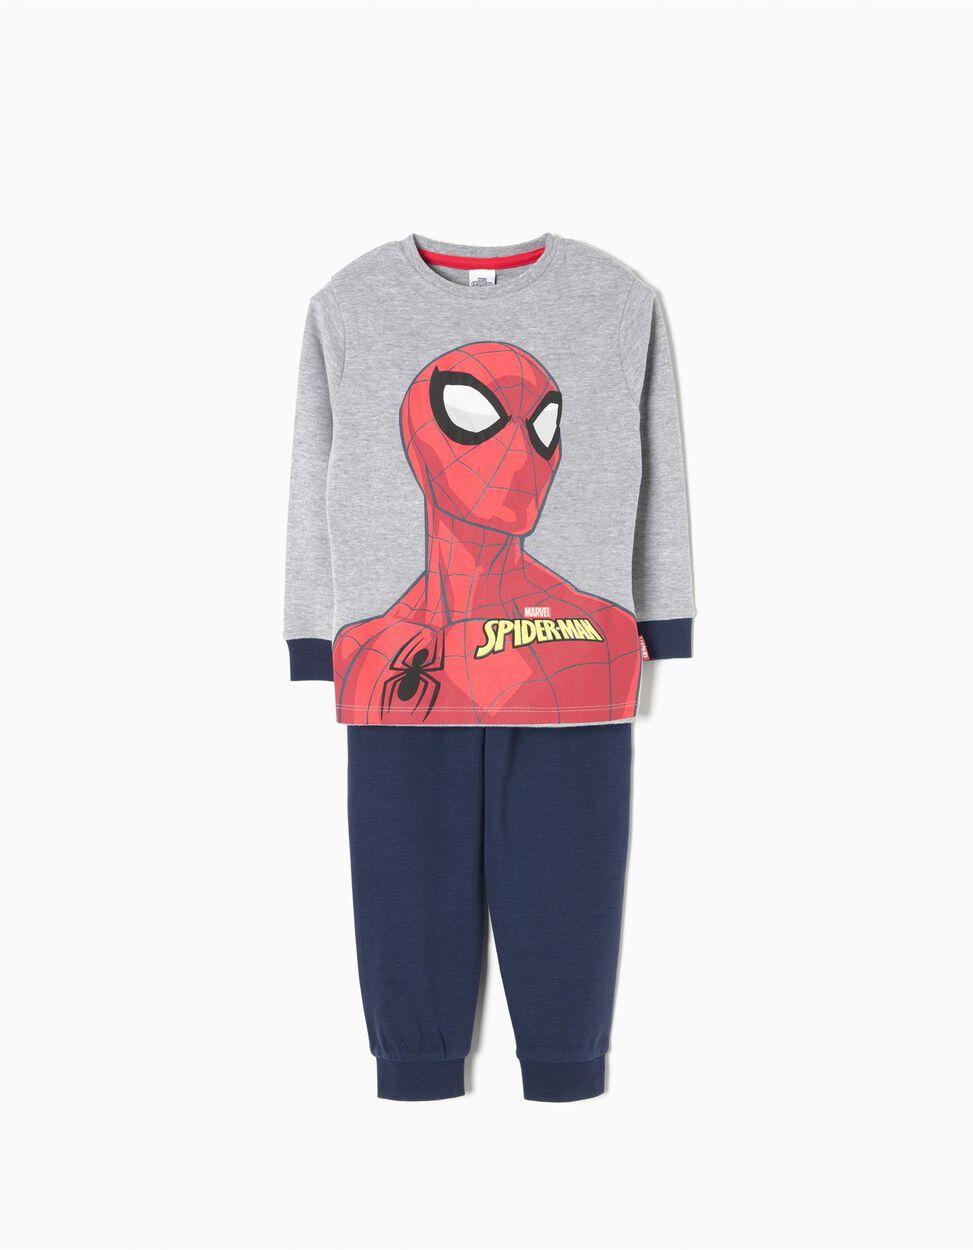 441e00bf52 Pijama Spider Man